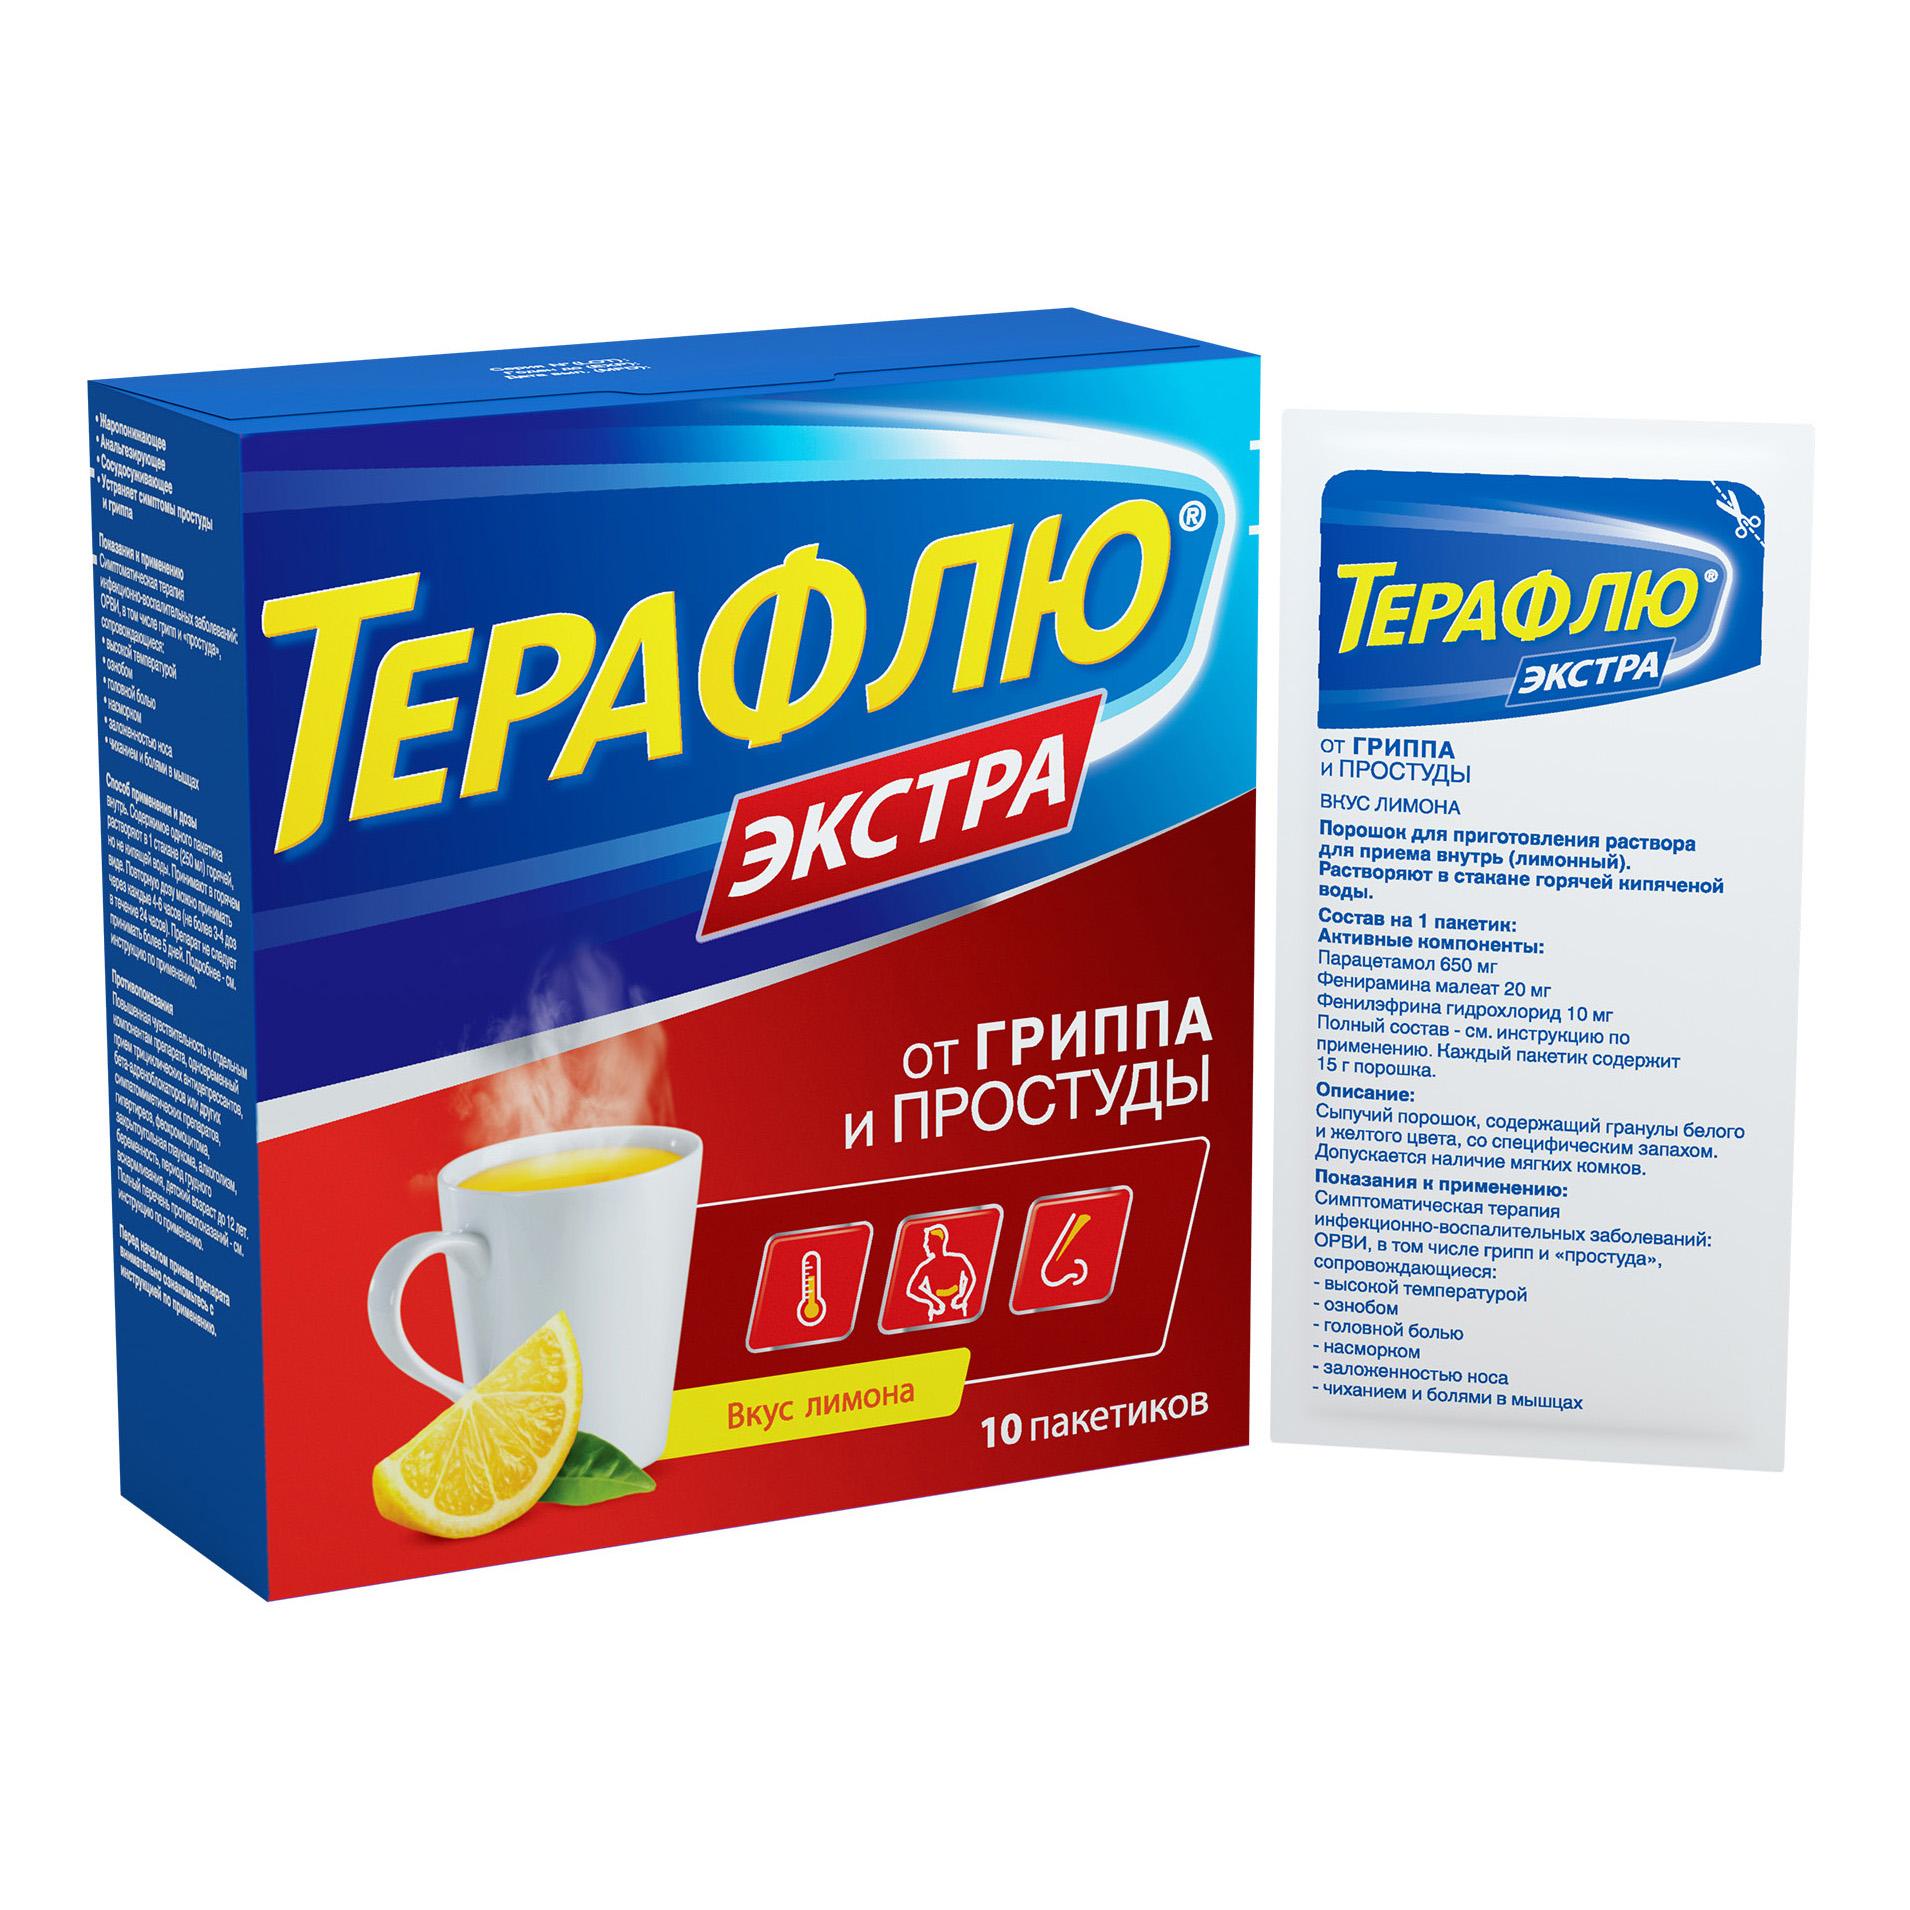 ТераФлю Экстра порошок для приготовления раствора лимон 10 шт.;